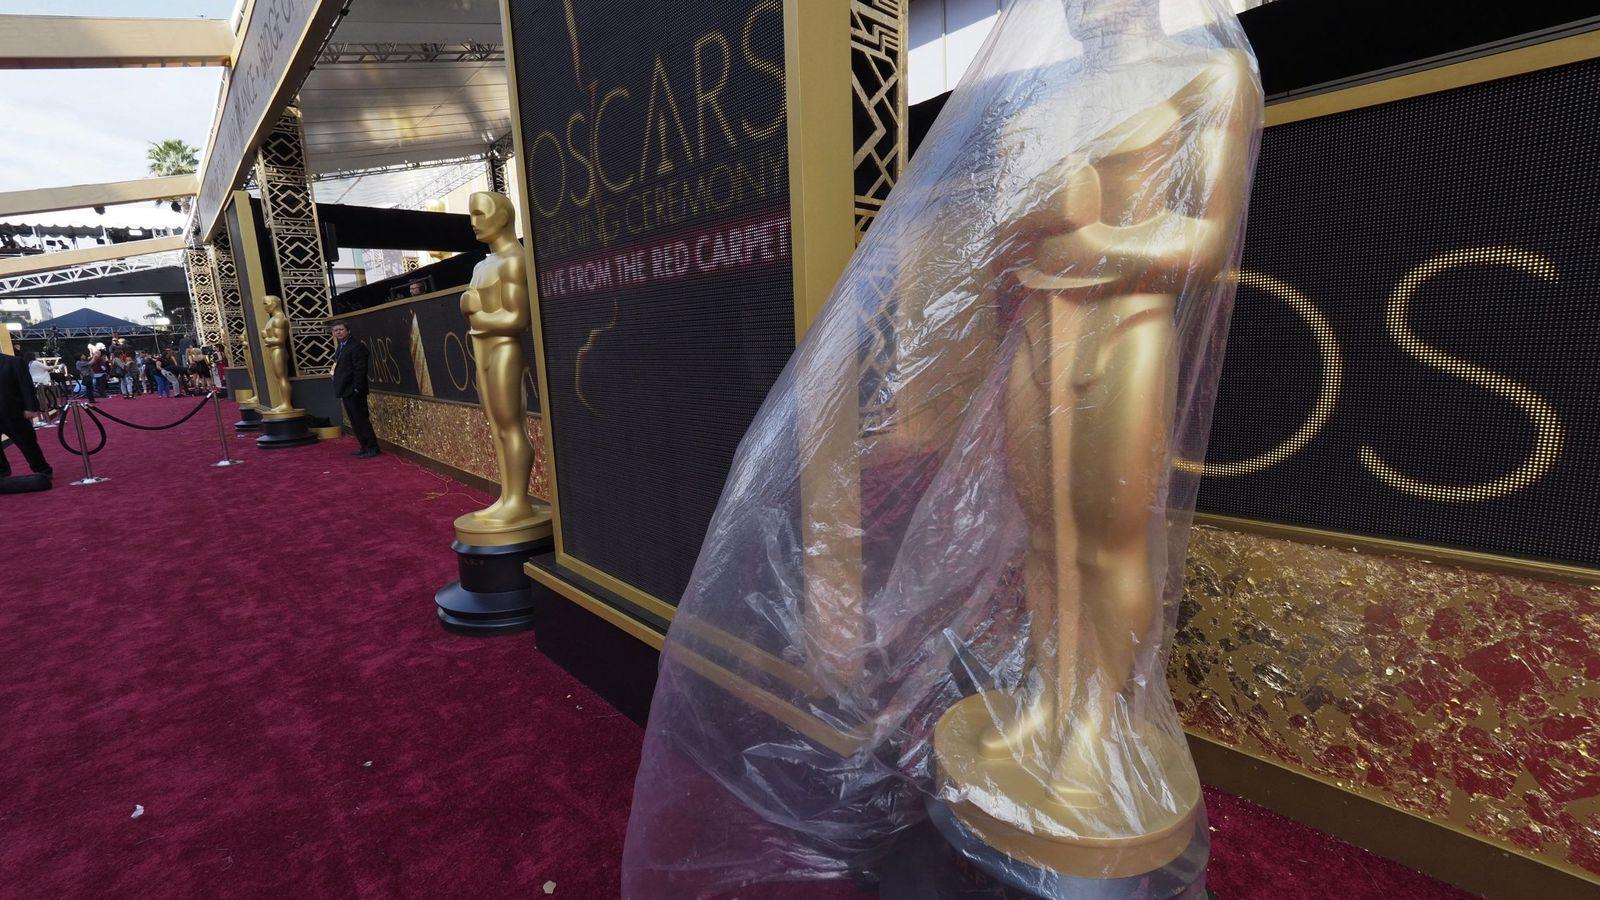 Foto: La estatua de un óscar todavía envuelta en plástico antes de la gala de 2016.